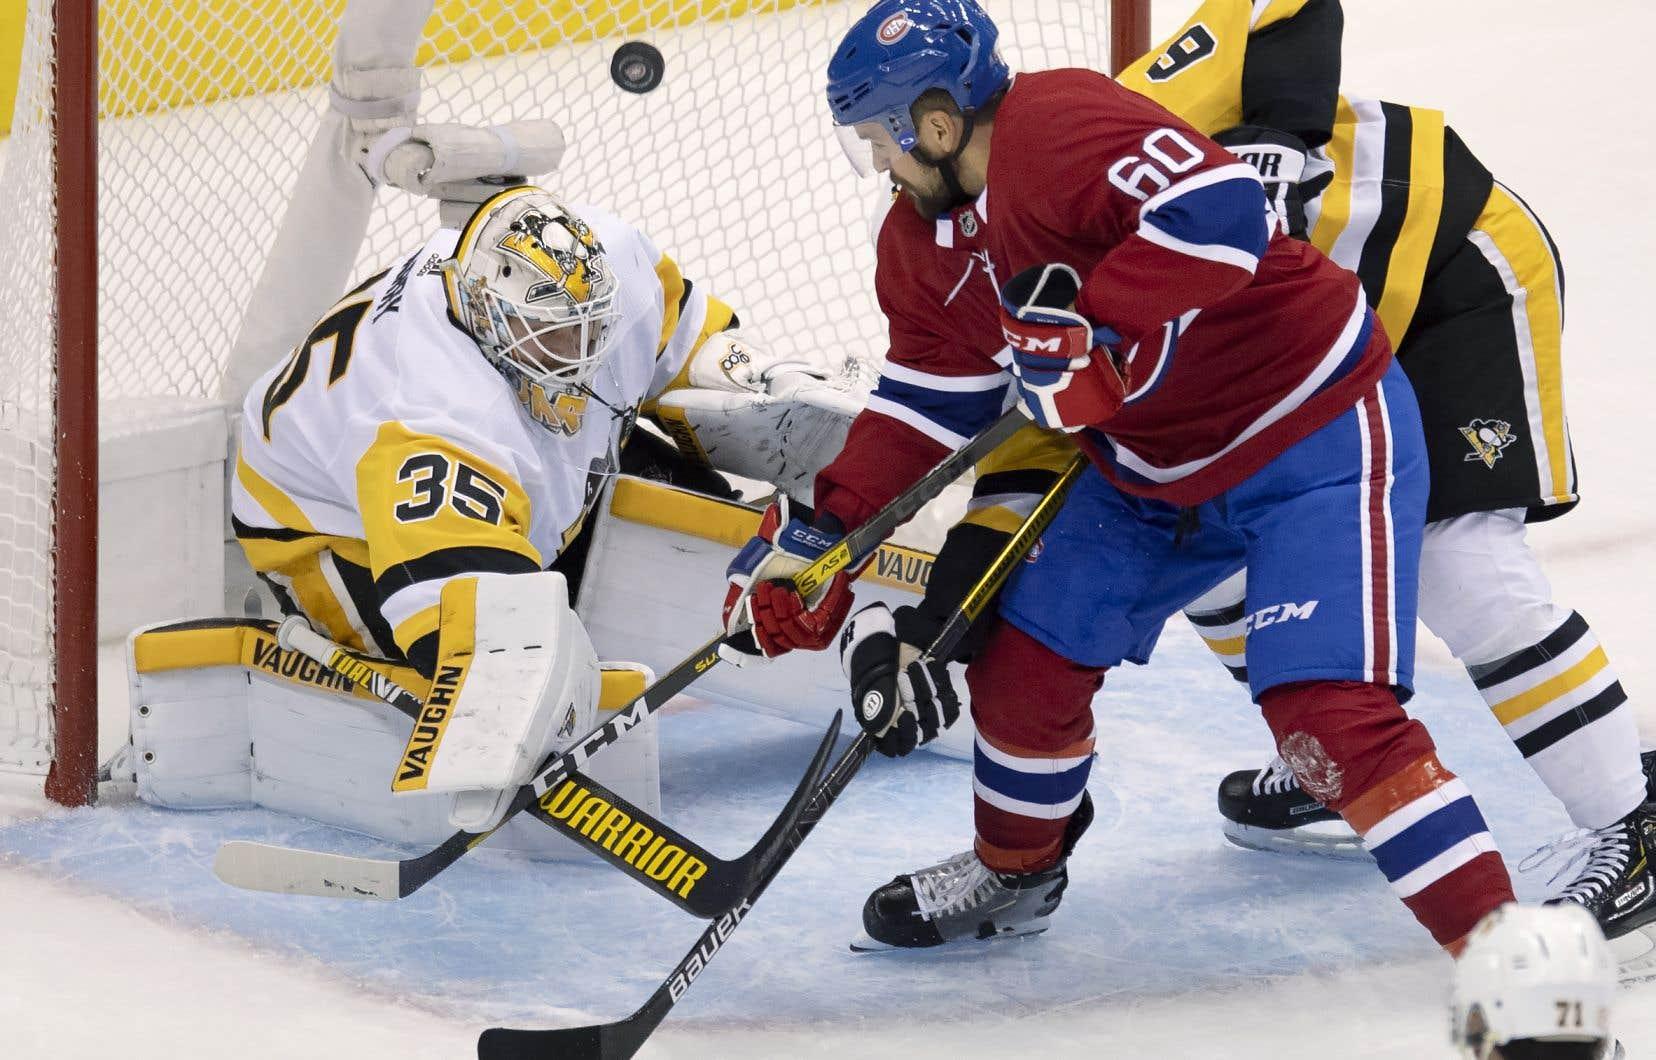 Alex Belzile a réussi à tirer sur le gardien des Penguins, Tristan Jarry, malgré la surveillance étroite du défenseur John Marino, en première période, vendredi, dans le quatrième match de la série présenté à Toronto.